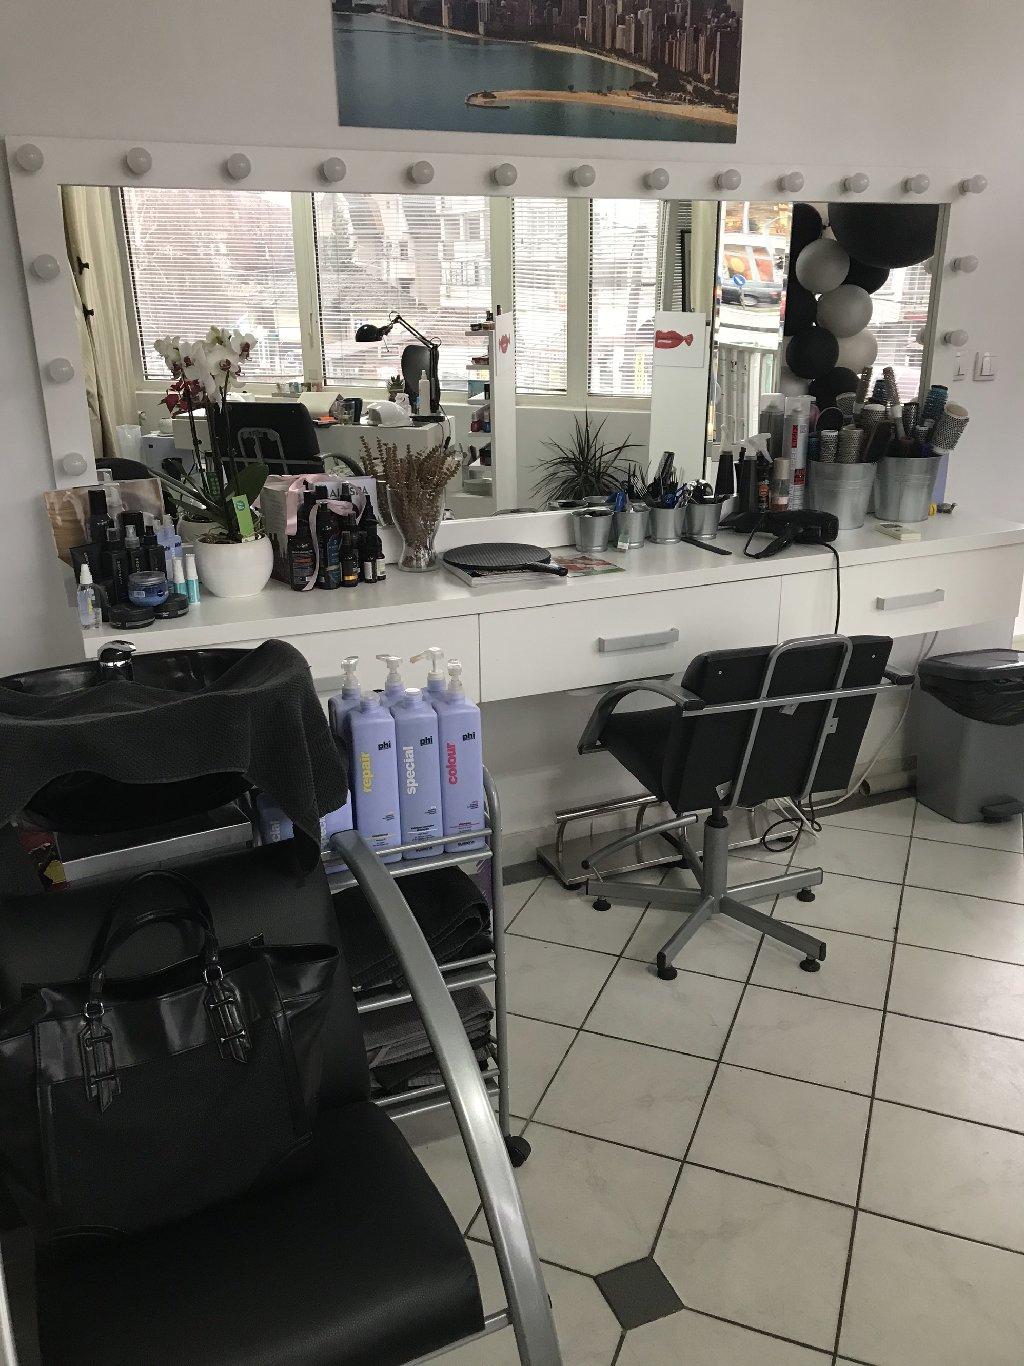 Frizersko-kozmetickom salonu u centru Zarkova je hitno potreban frizer!Za sve informacije pozvati Sanju na 069/2444342!